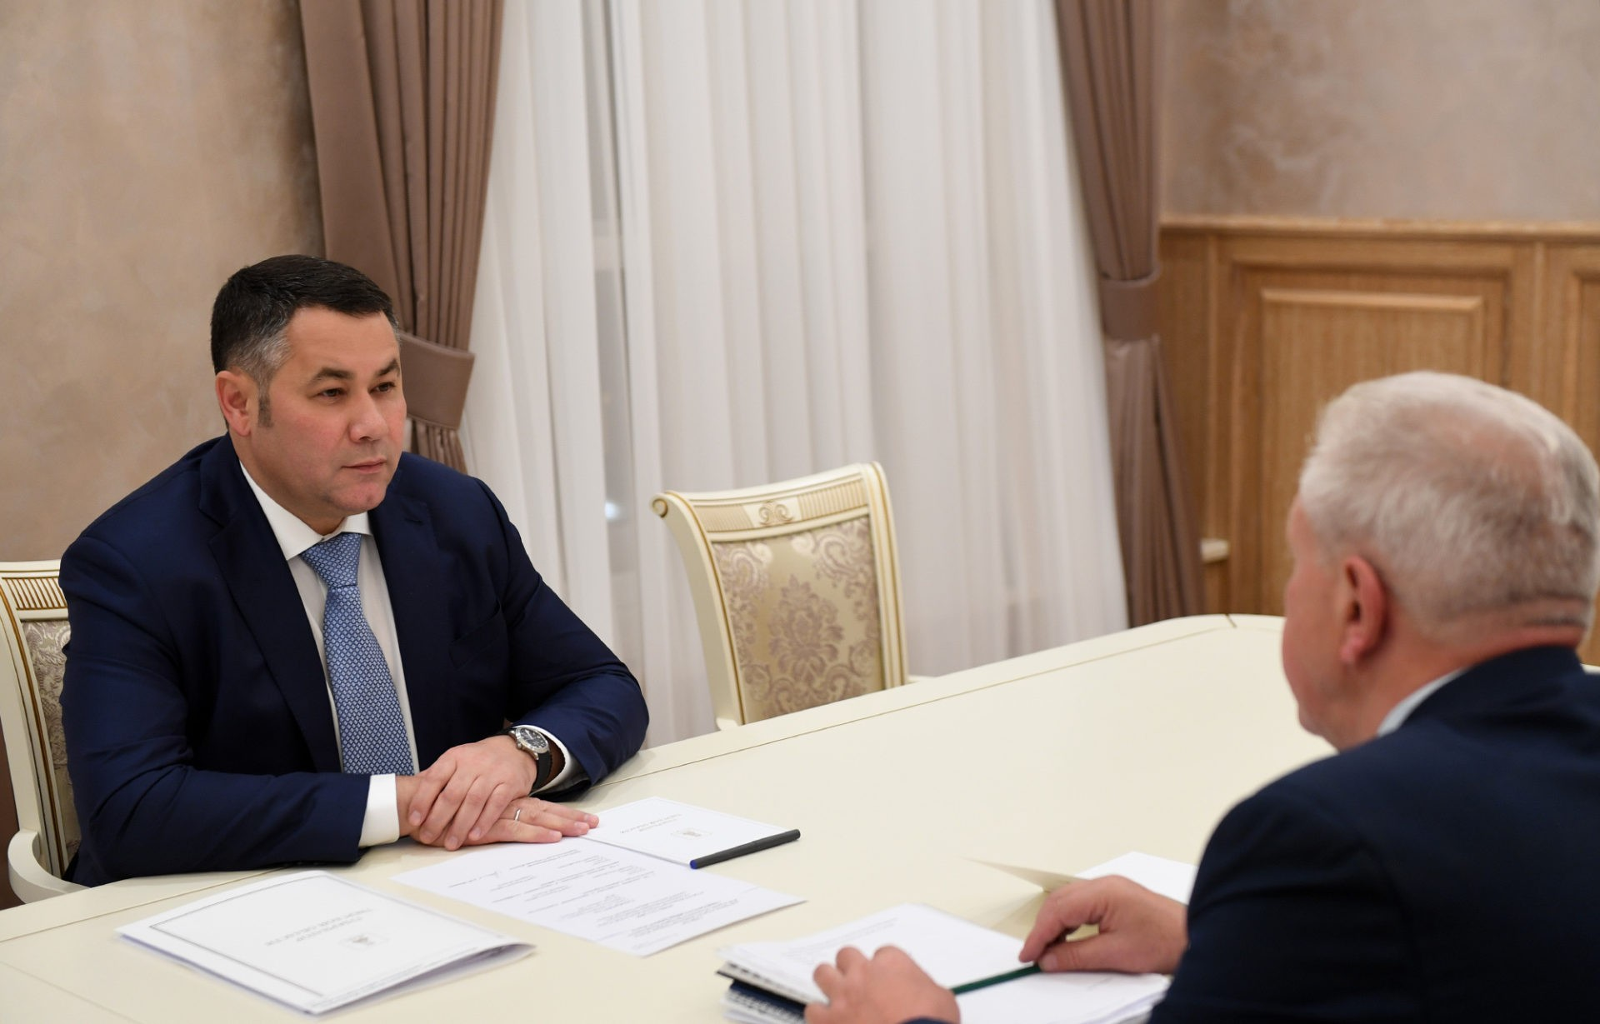 Игорь Руденя встретился с главой Ржевского района Валерием Румянцевым